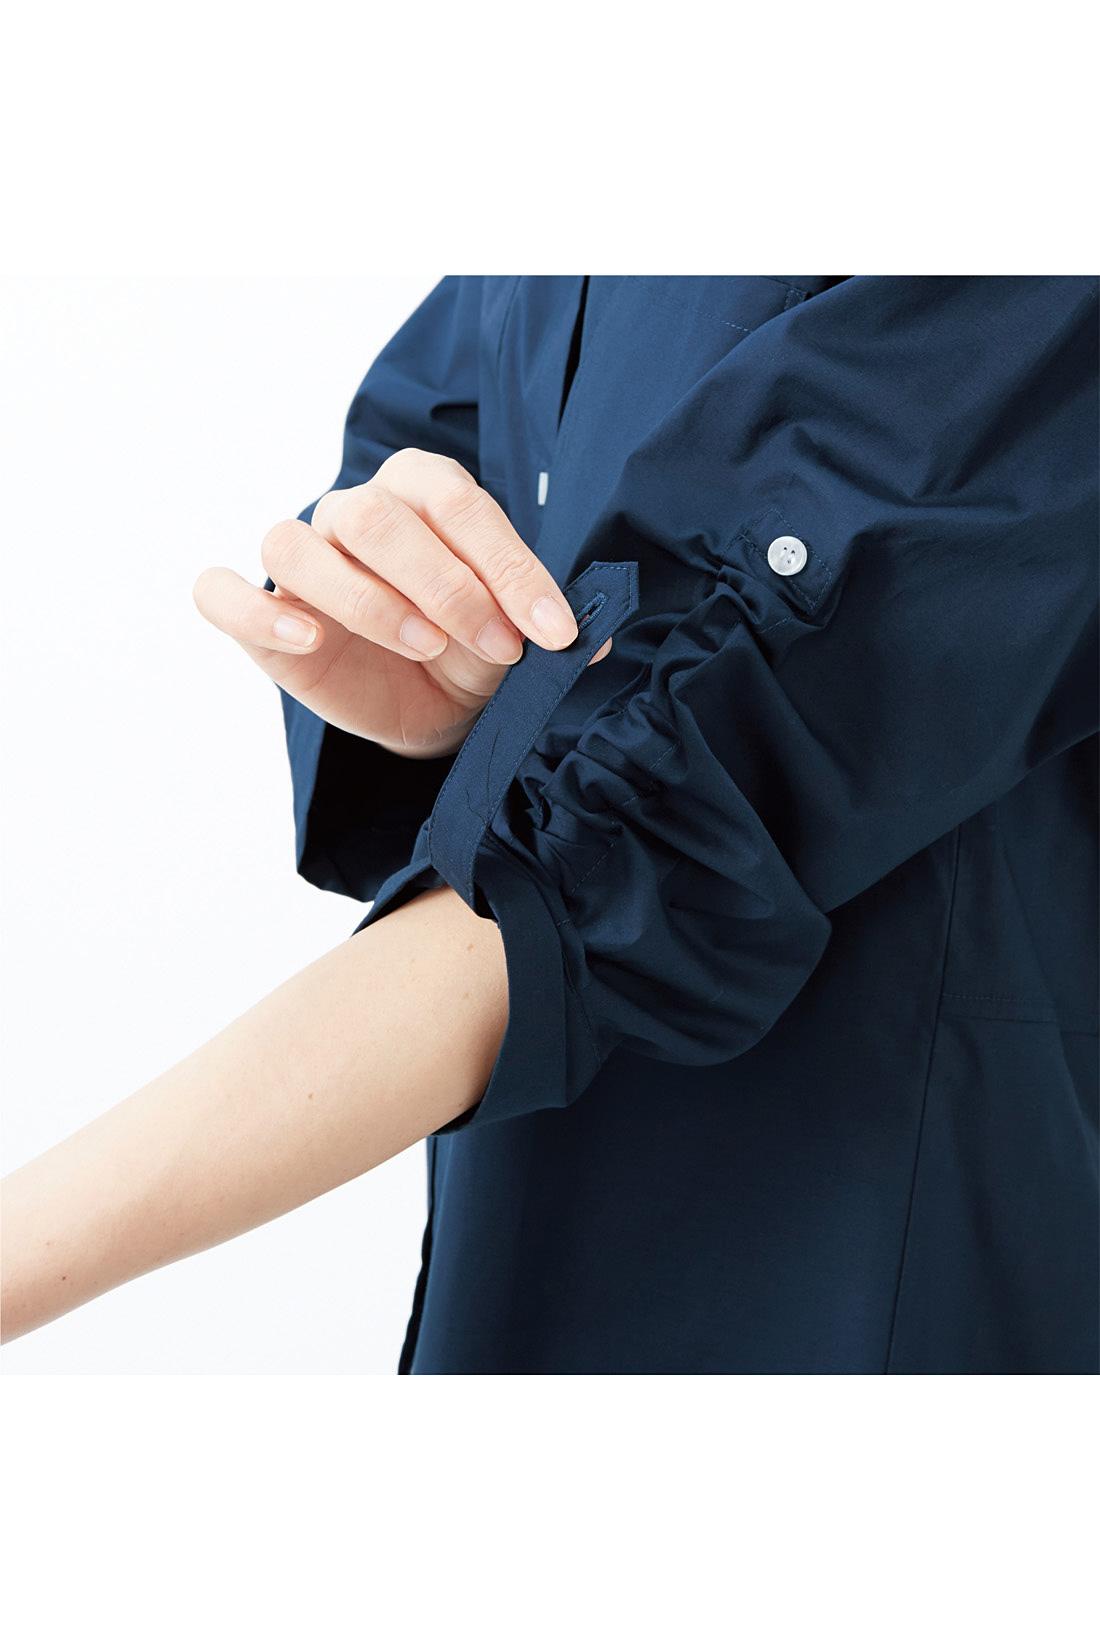 袖の内側のベルトを引っぱると、袖をくしゅっとプッシュアップできる仕様。